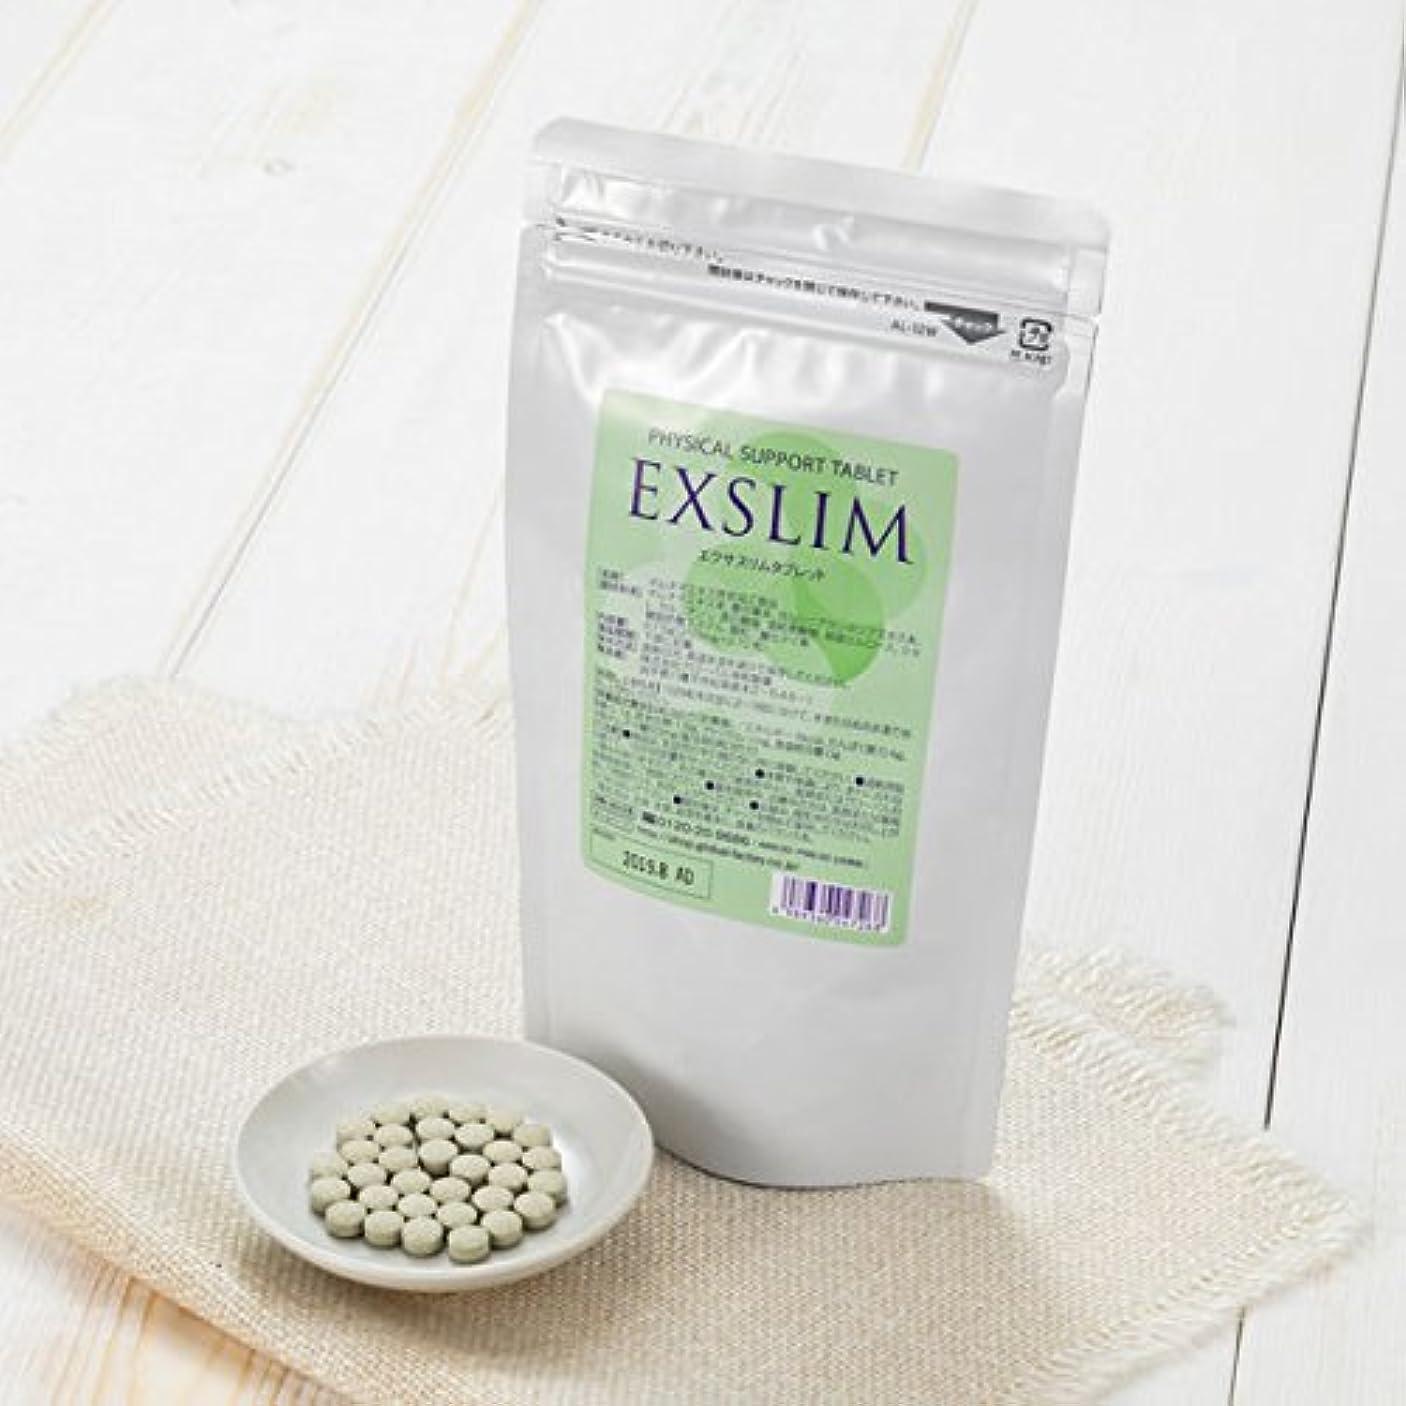 陽気な肝ミリメーター【EXSLIM】エクサスリム タブレット (250mg×270粒)